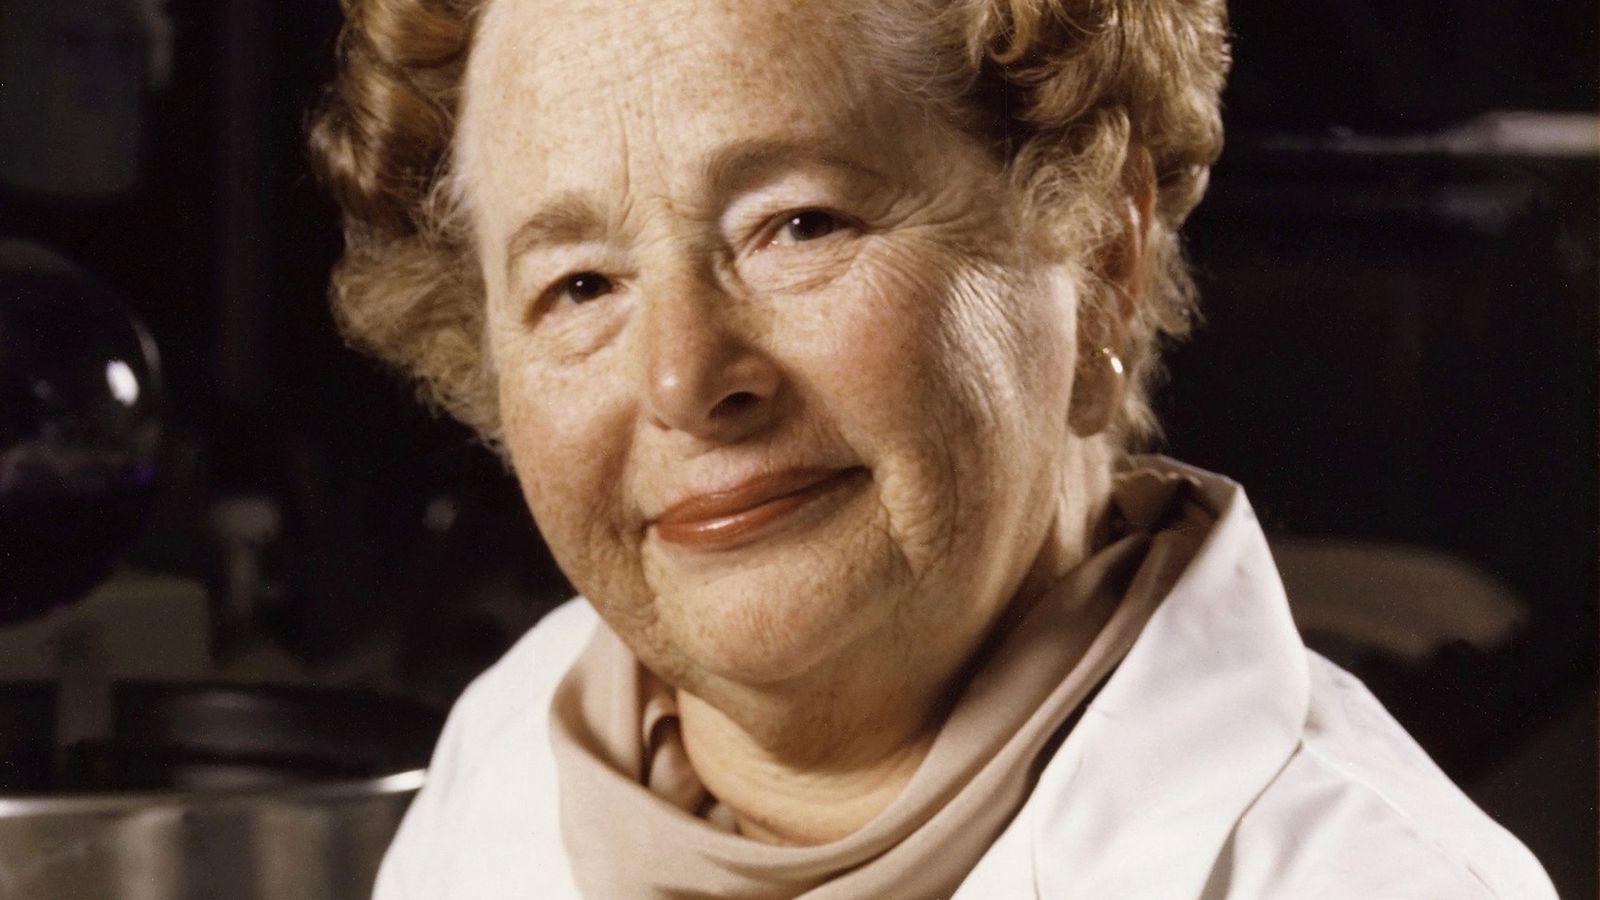 Nascida em 1918 em Manhattan, Gertrude Elion desenvolveu o medicamento aciclovir, um potente inibidor de vírus ...